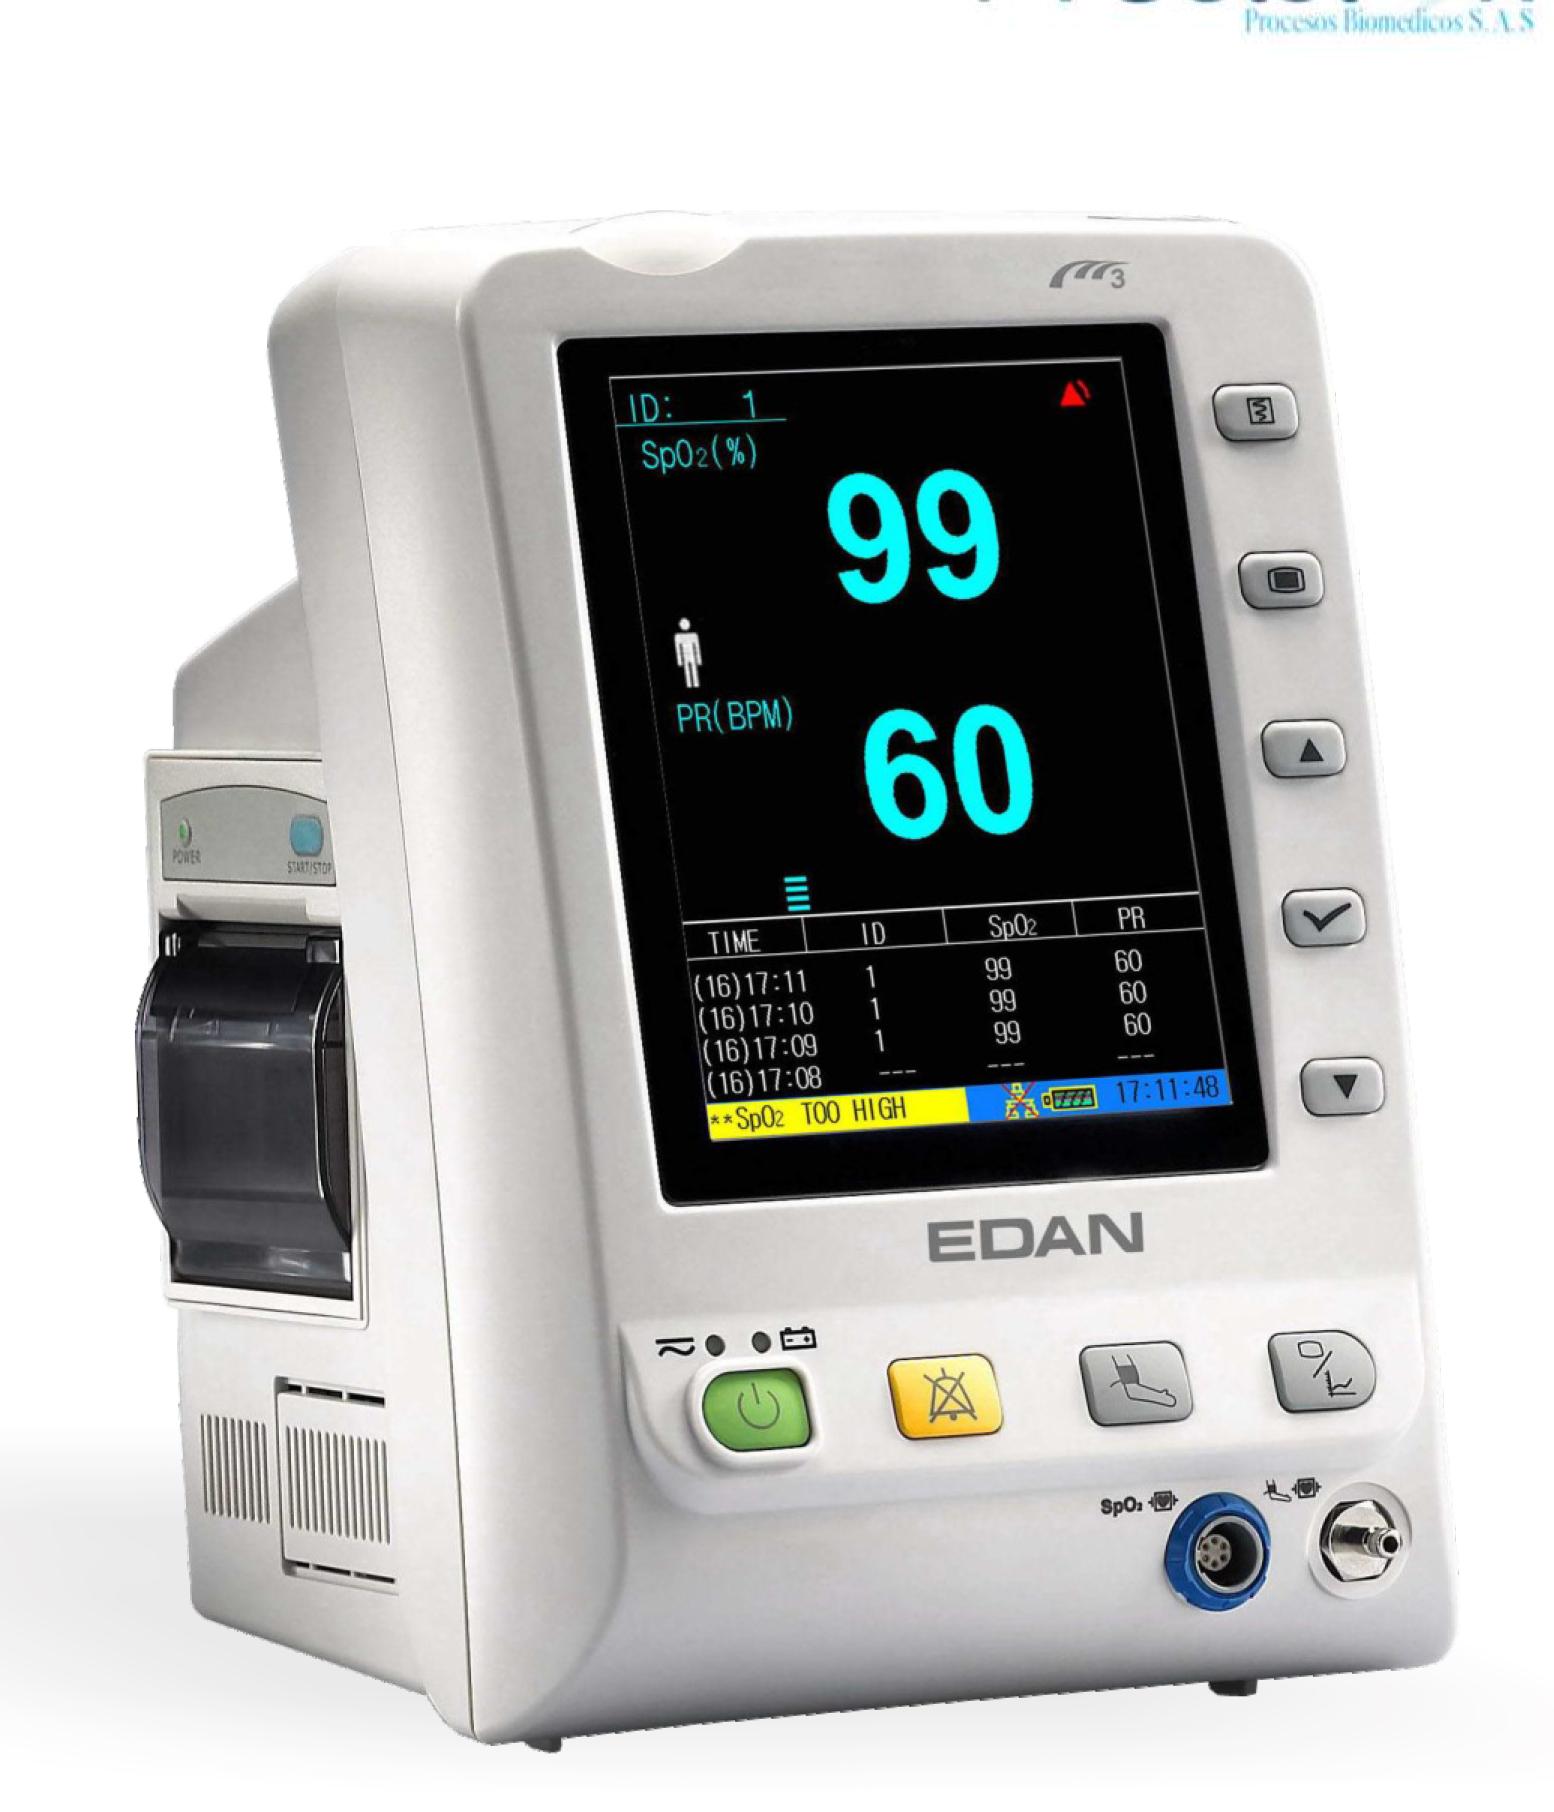 calidad en servicios Biomédicos